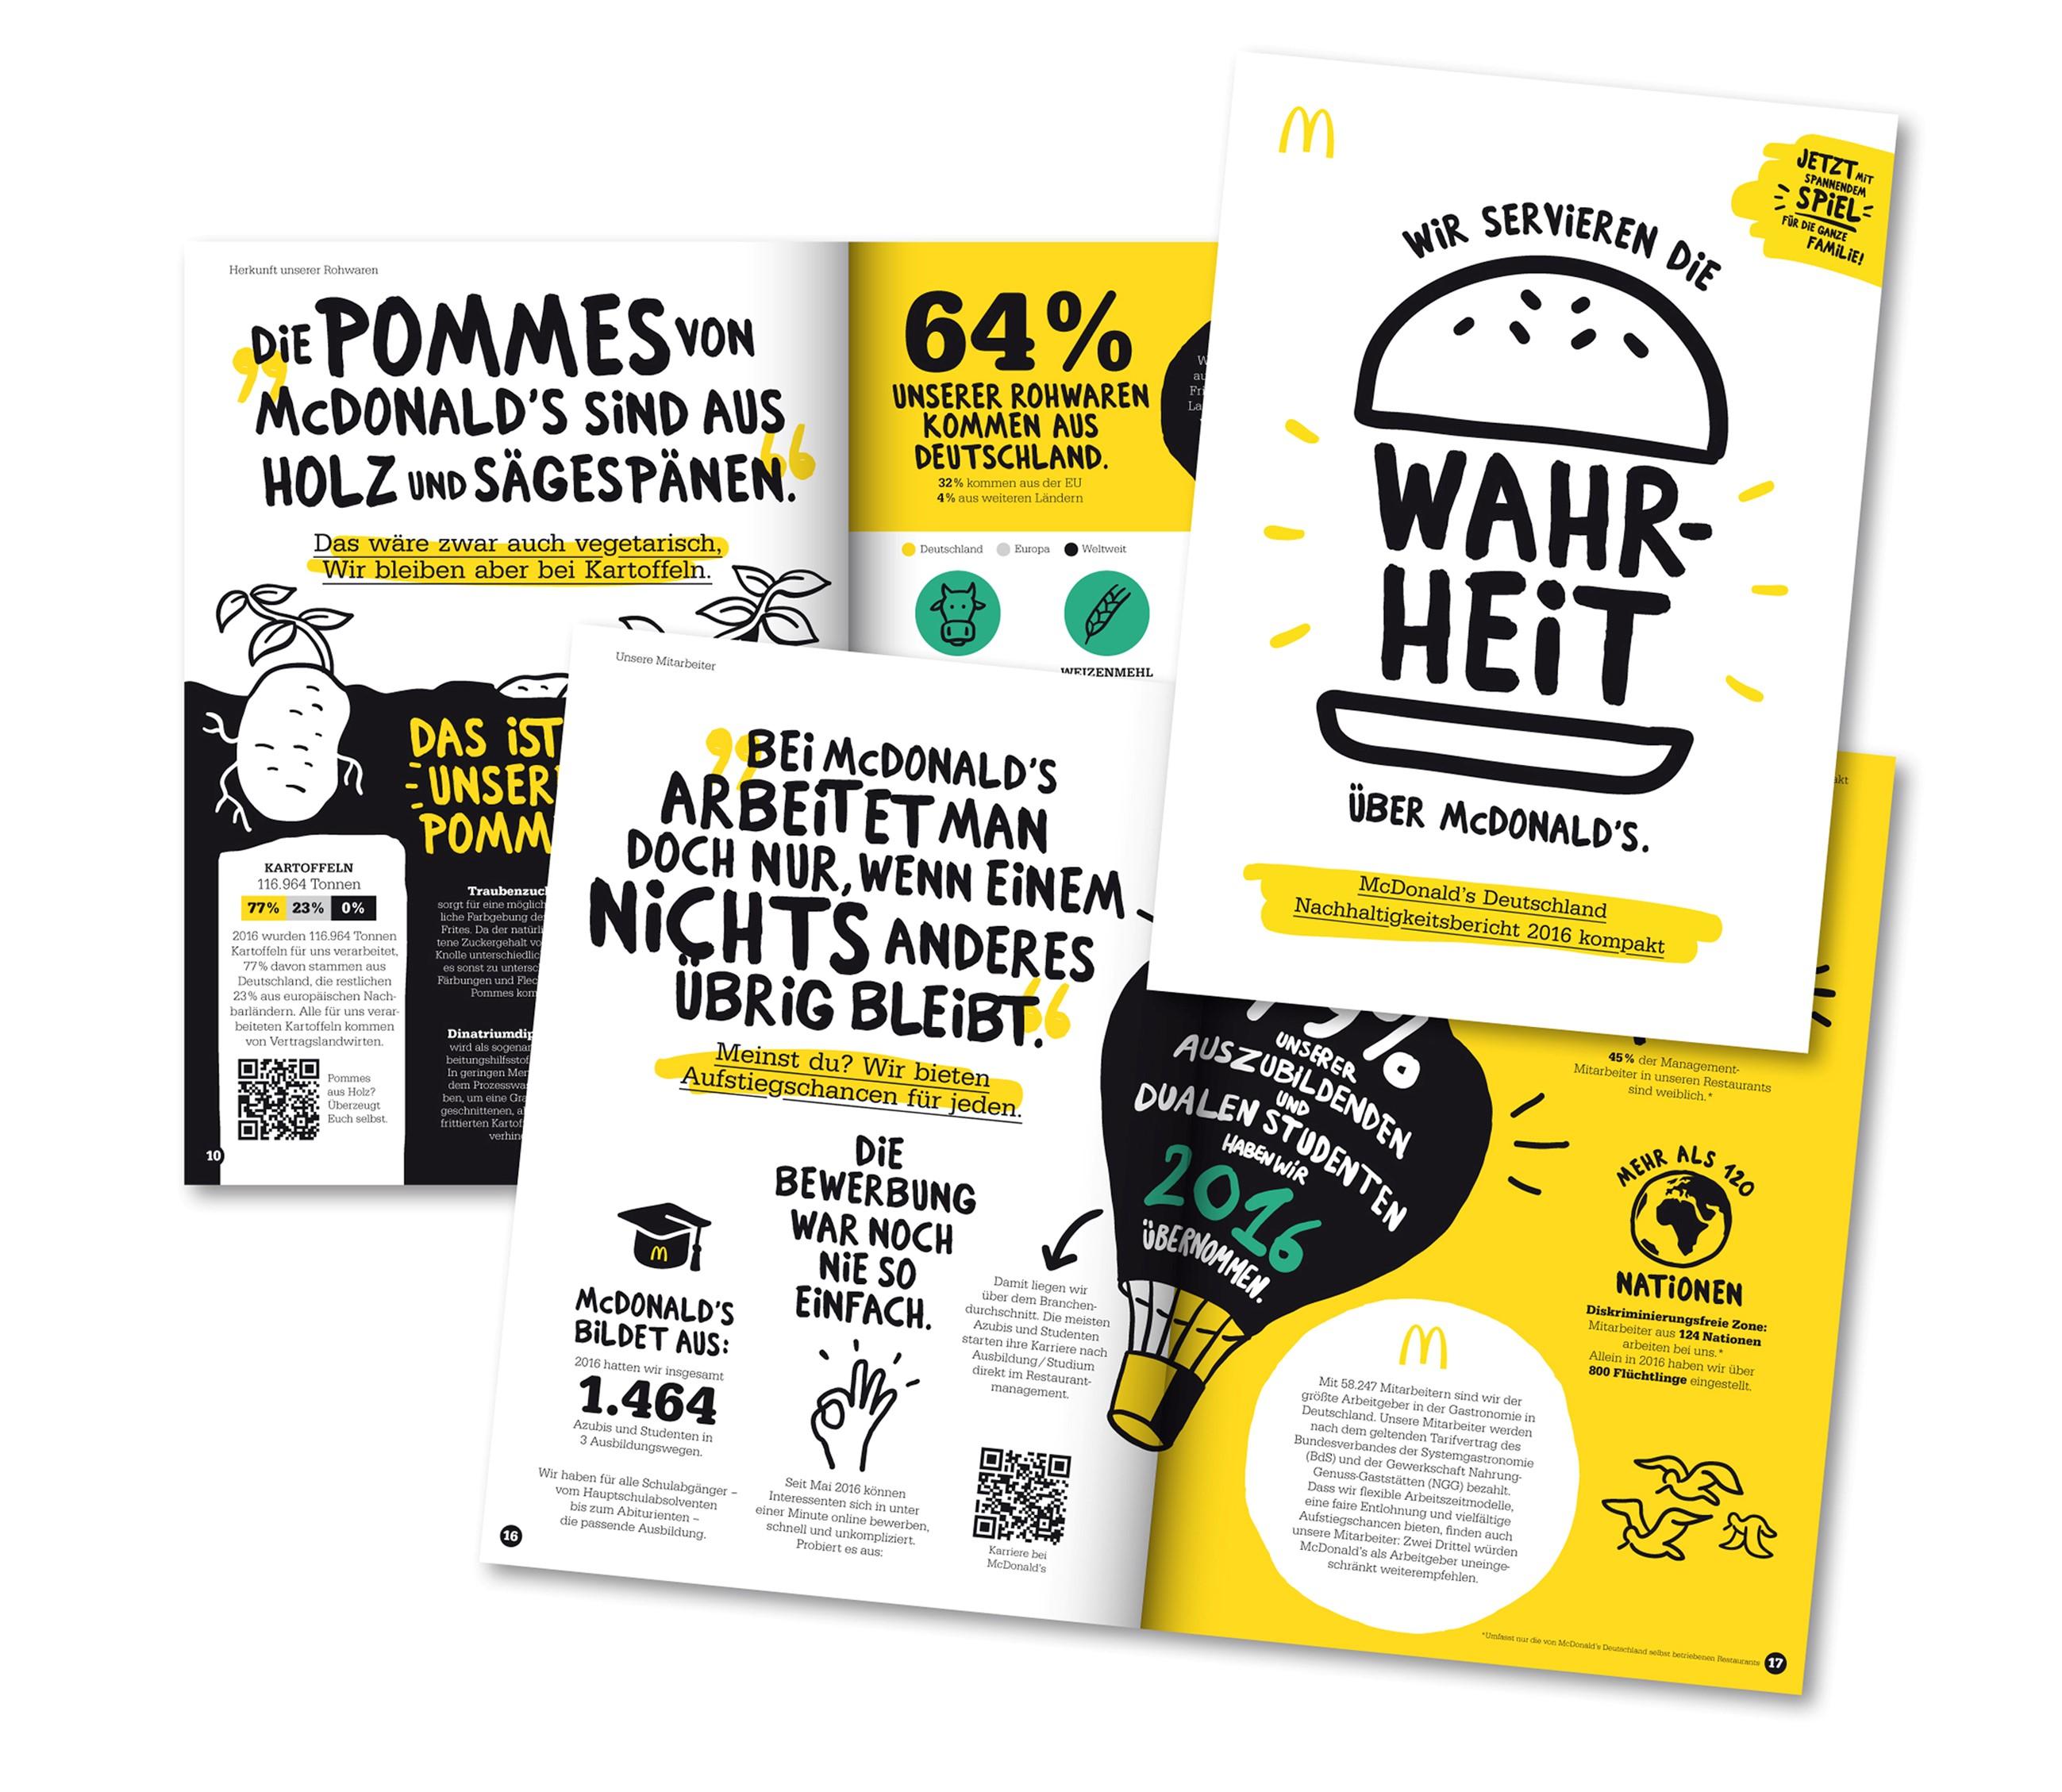 McDonald's Deutschland serviert die Wahrheit im neuen Nachhaltigkeitsbericht – Porzellan und Glas ab sofort auch am McDonald's-Tresen in den Restaurants der Zukunft